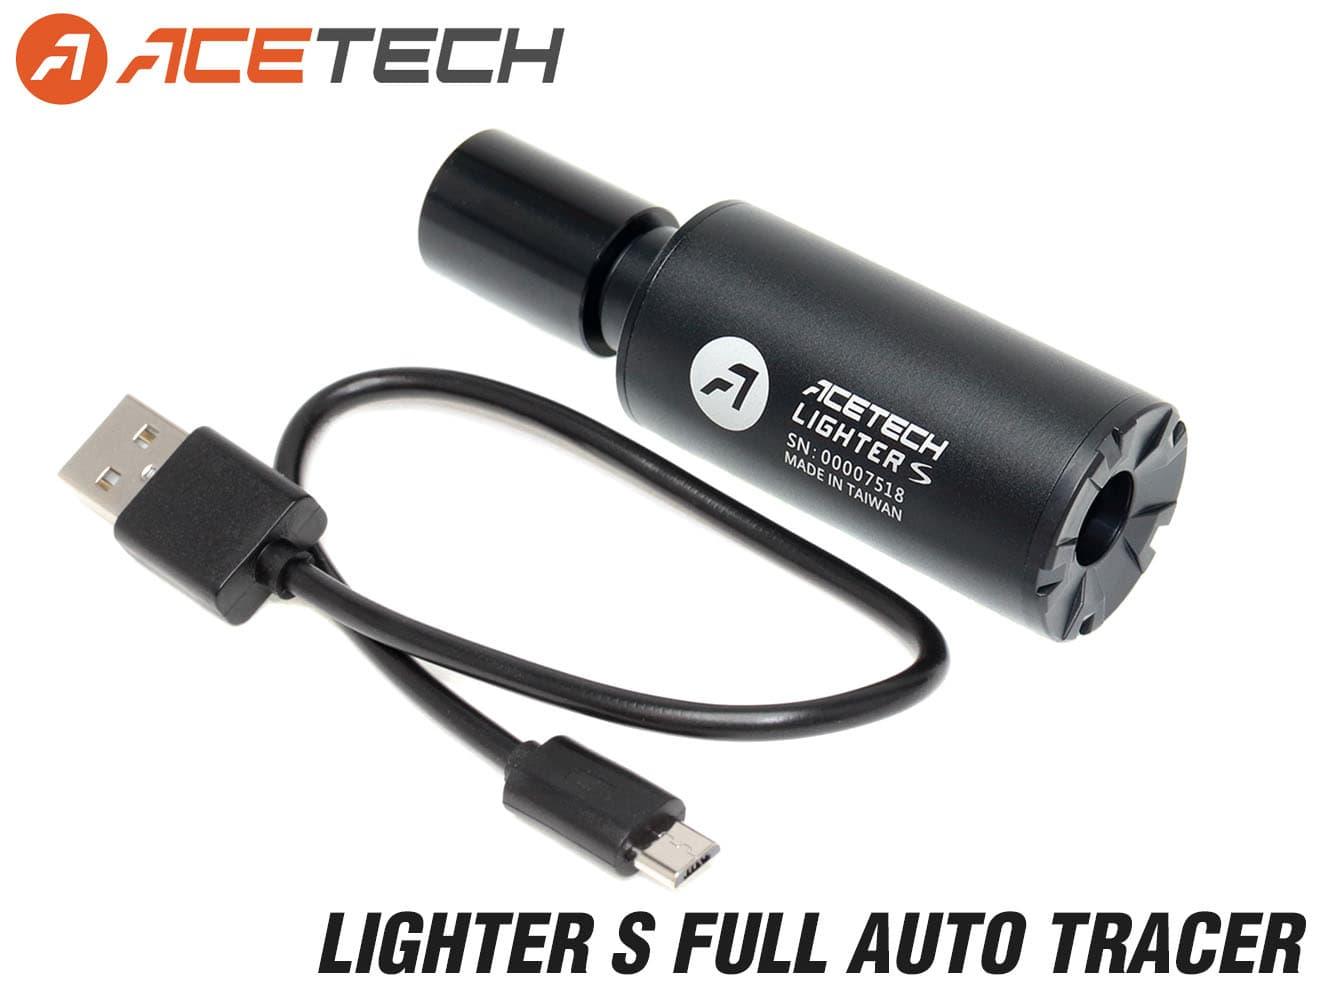 90日保証&日本語取説付 ACETECH LIGHTER S フルオートトレーサー◆XT301対抗!外径27mmスーパーコンパクトサイズ SMGやハンドガンに